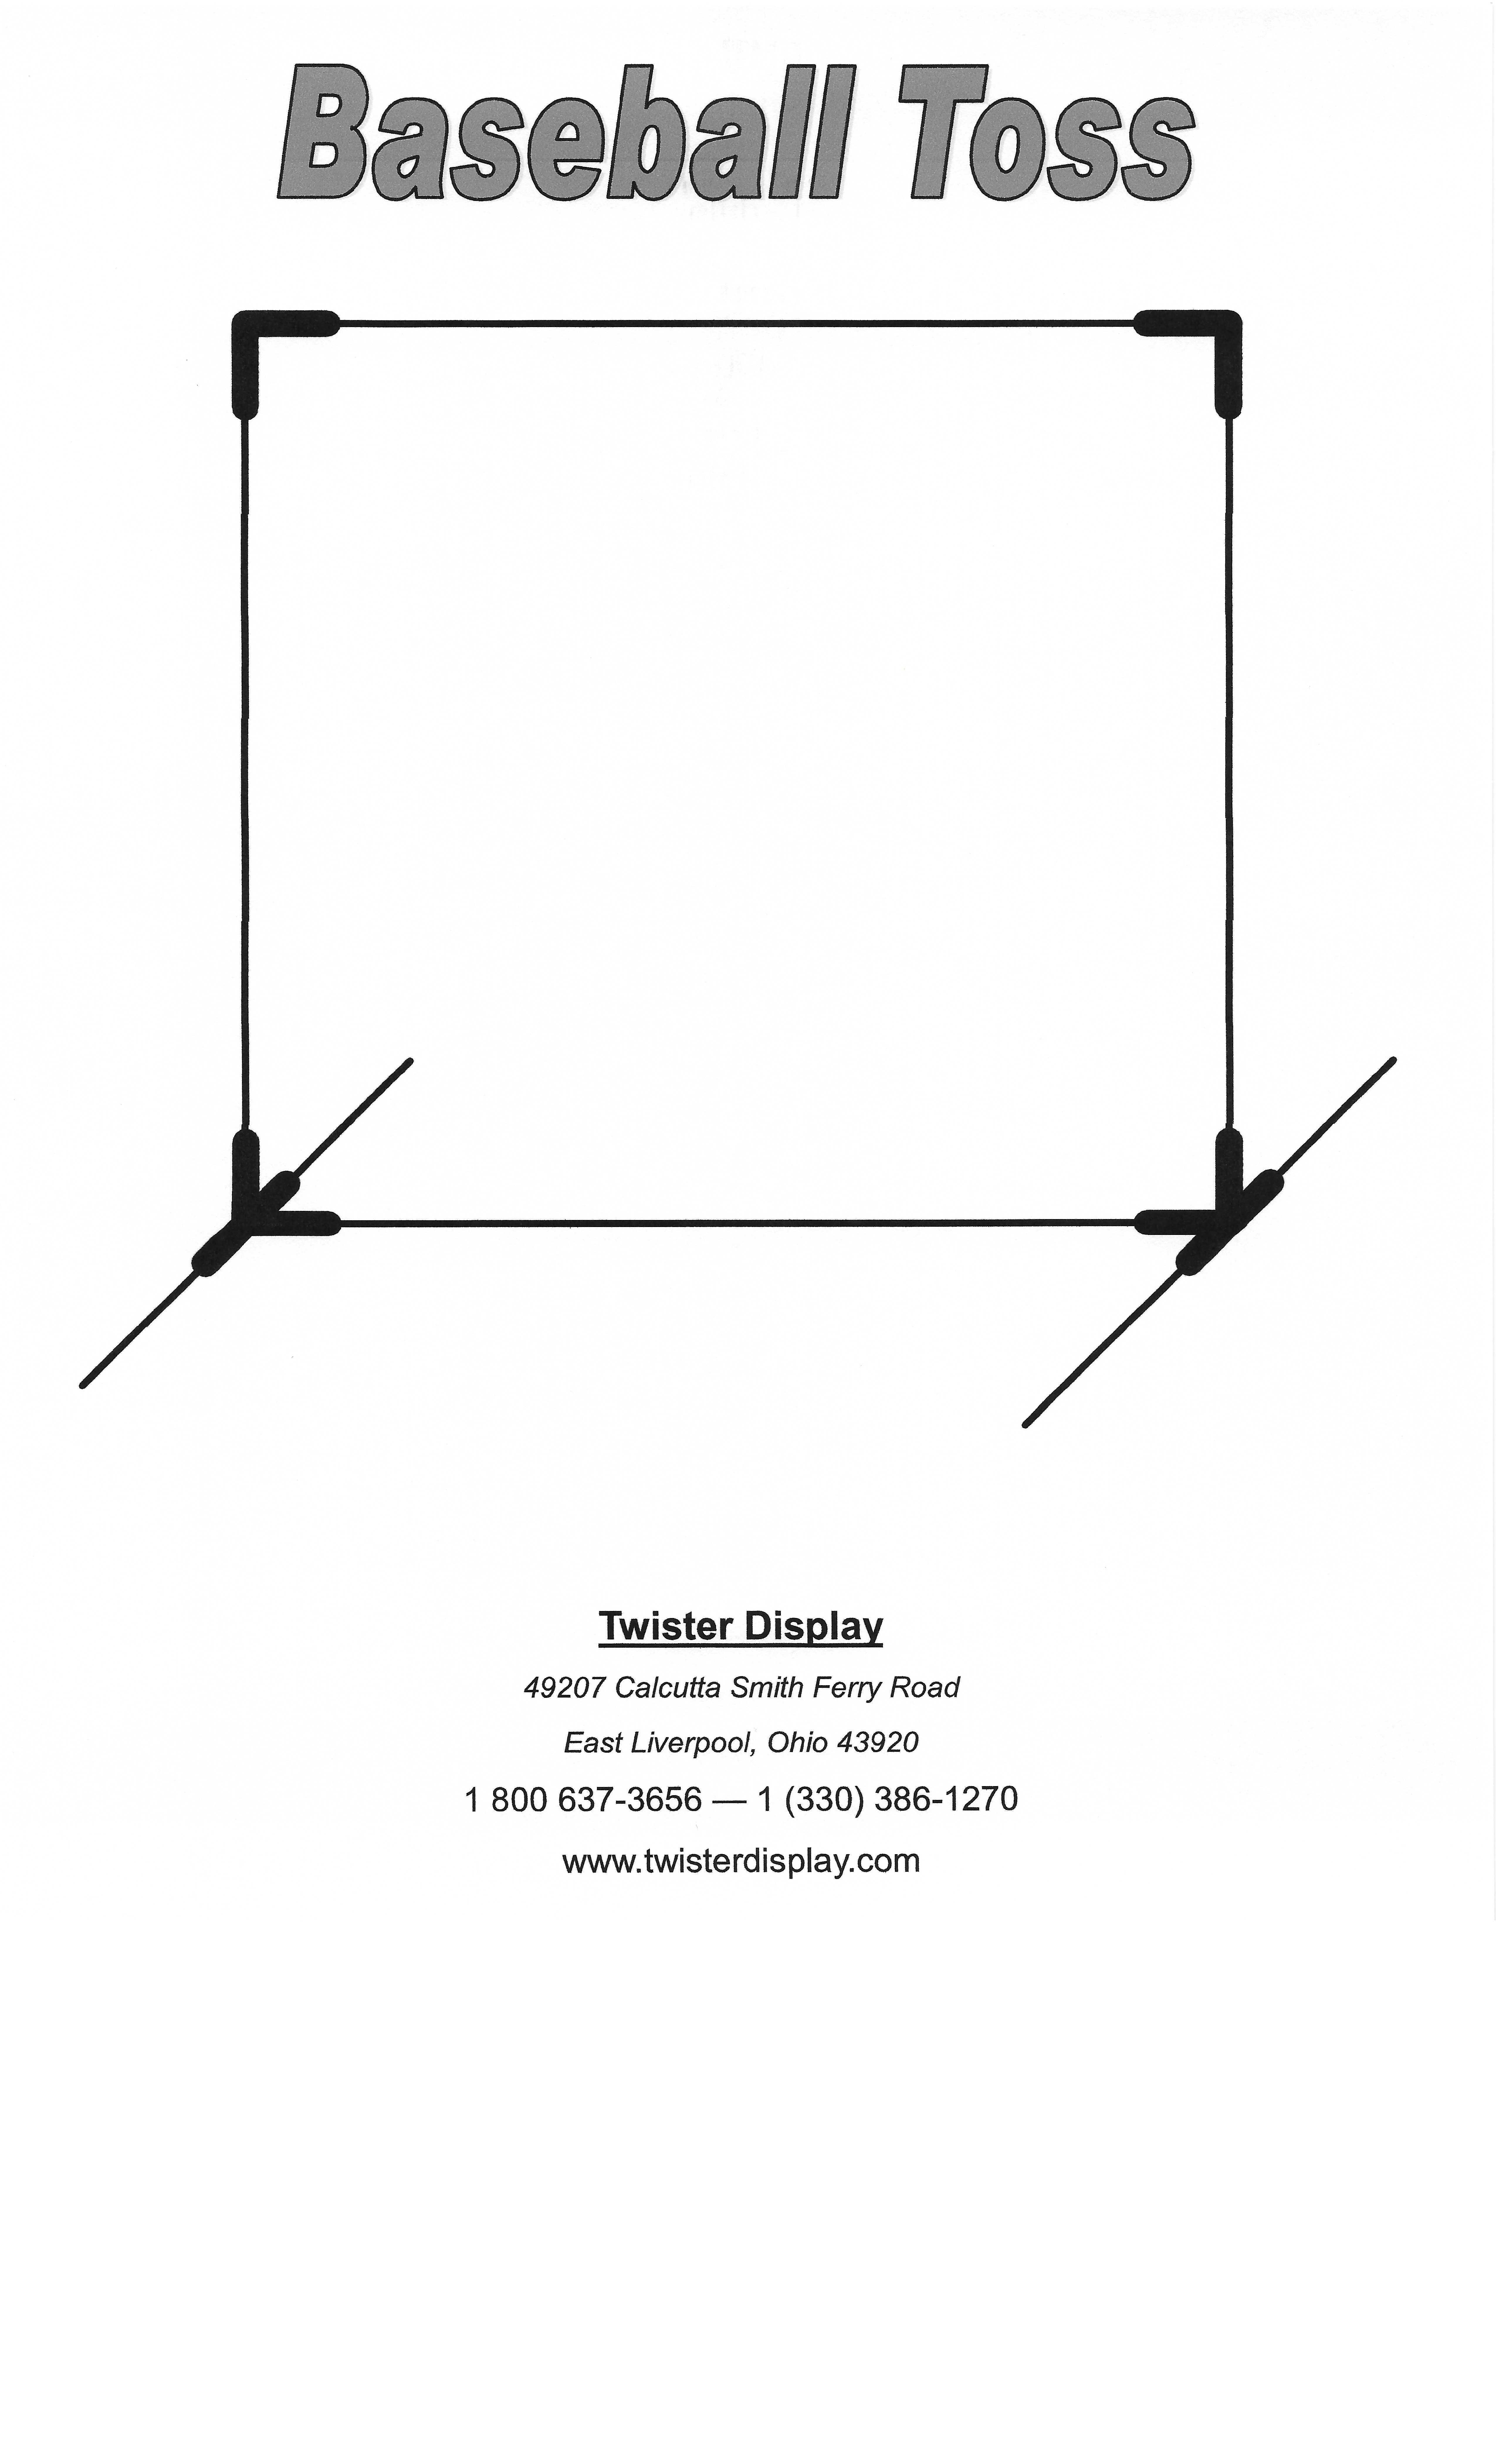 baseball-toss-frame-game-instructions0003.jpg